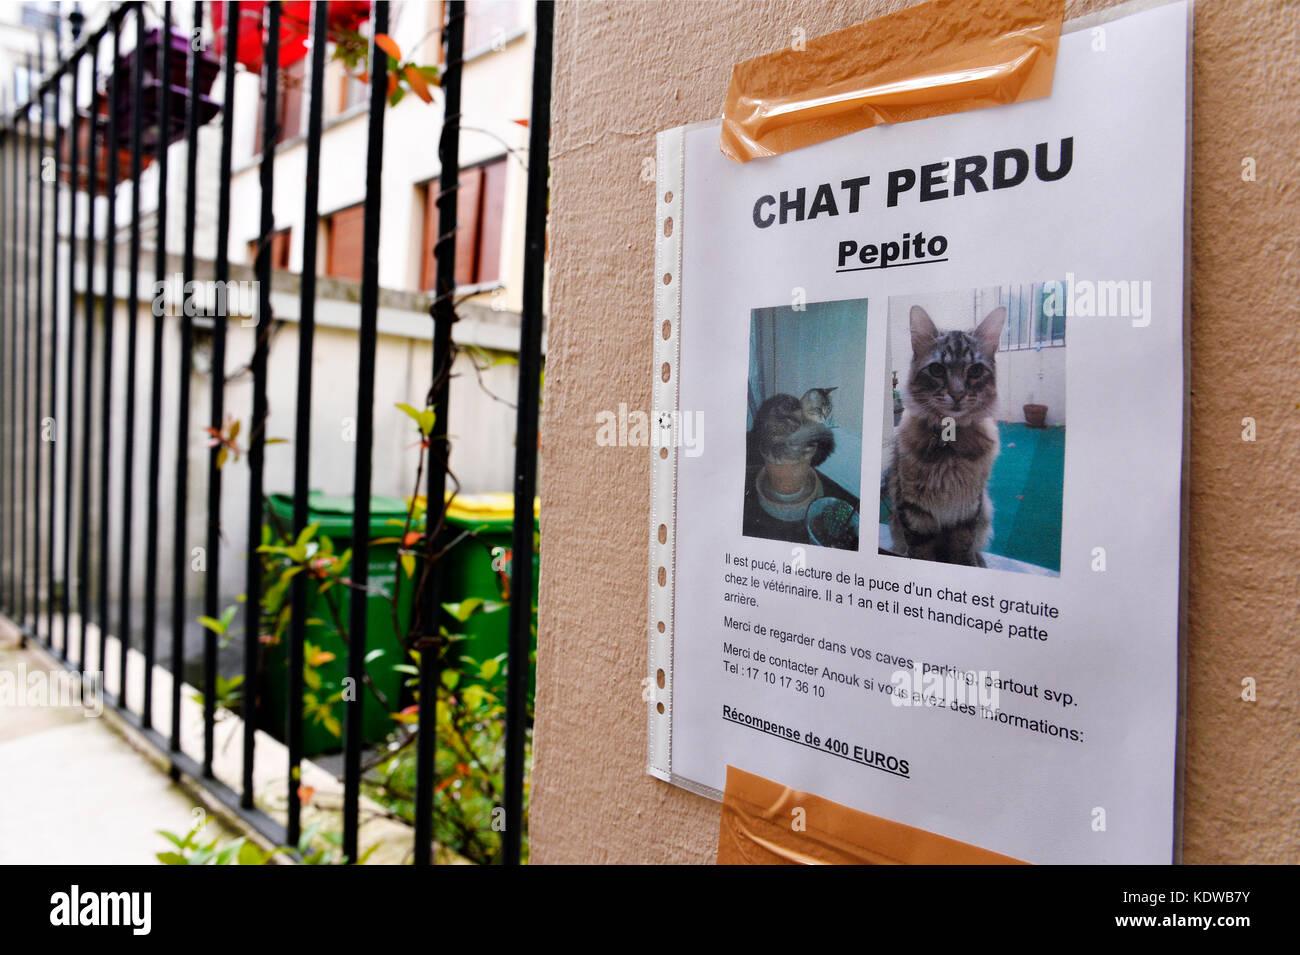 Verloren cat Poster, Montmartre - Paris Stockbild